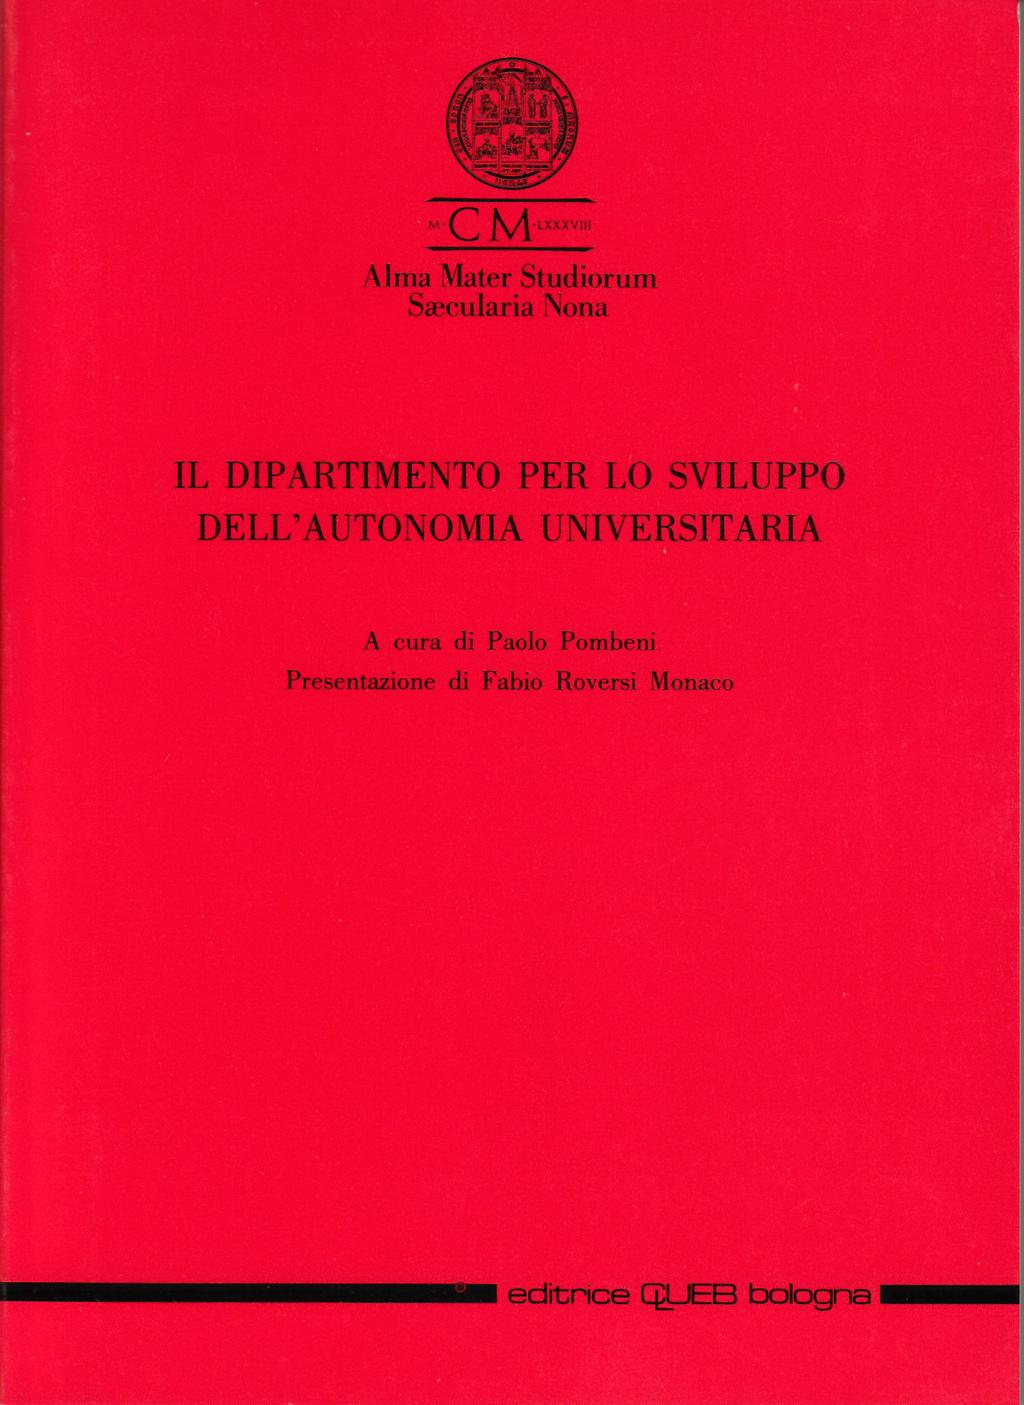 Il dipartimento per lo sviluppo dell'autonomia universitaria